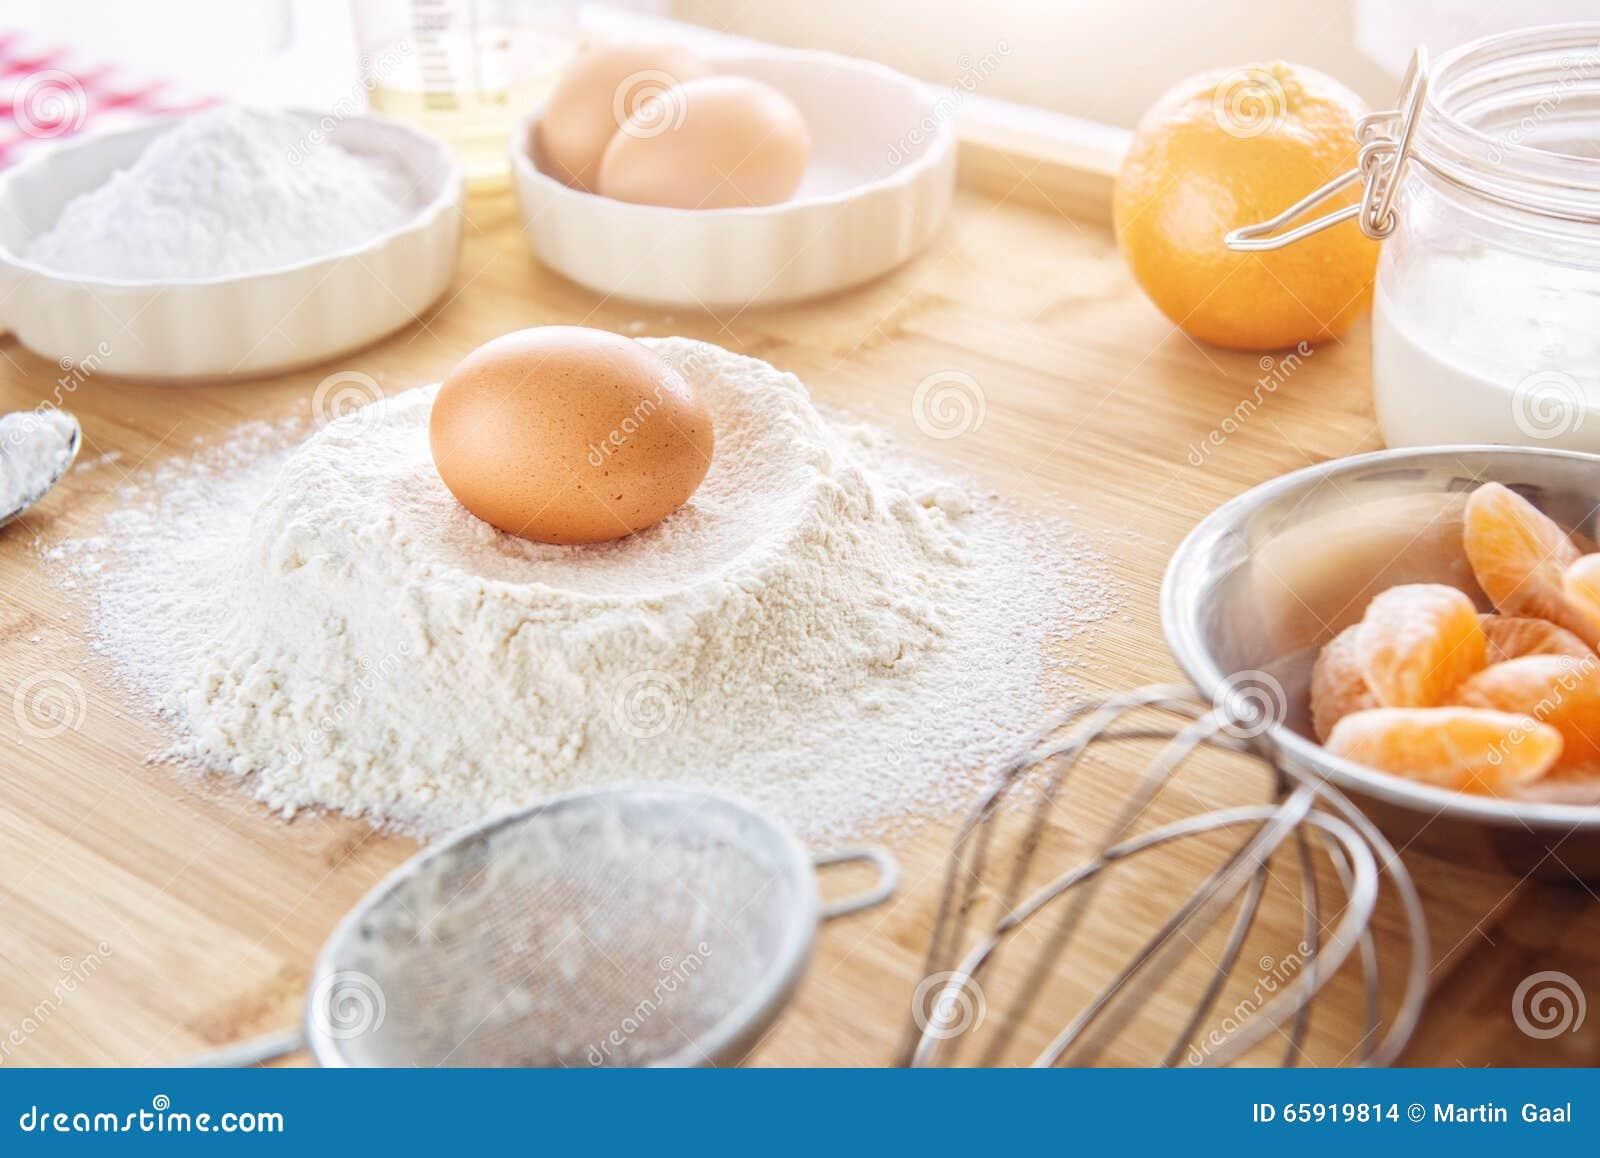 g teau de cuisson dans la cuisine ingr dients de recette de la p te avec le fruit sur la table. Black Bedroom Furniture Sets. Home Design Ideas